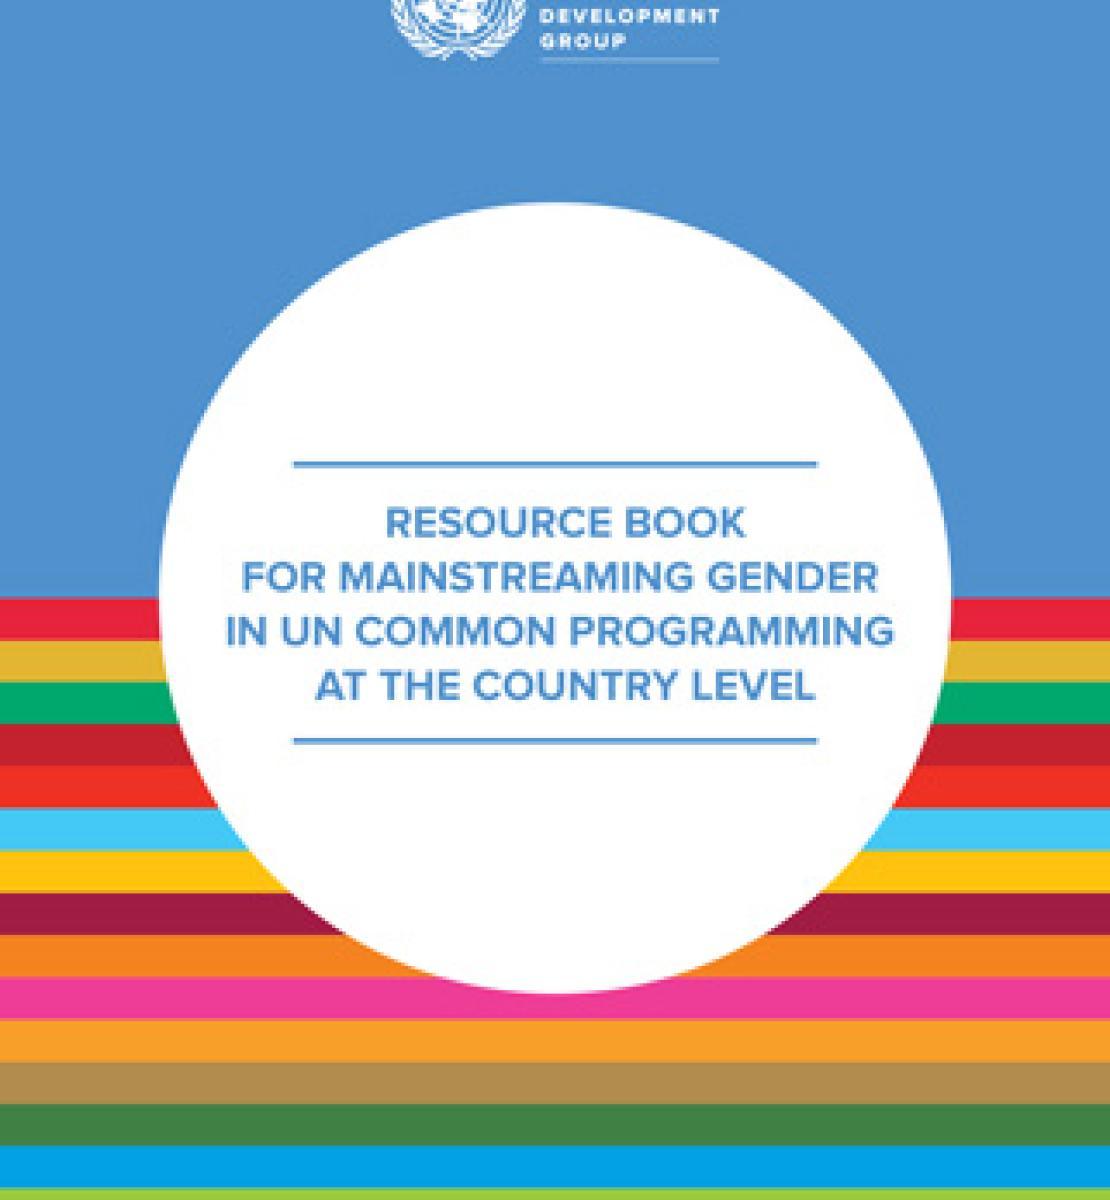 دليل مرجعي لتعميم مراعاة المنظور الجنساني في البرمجة المشتركة للأمم المتحدة على المستوى القطري